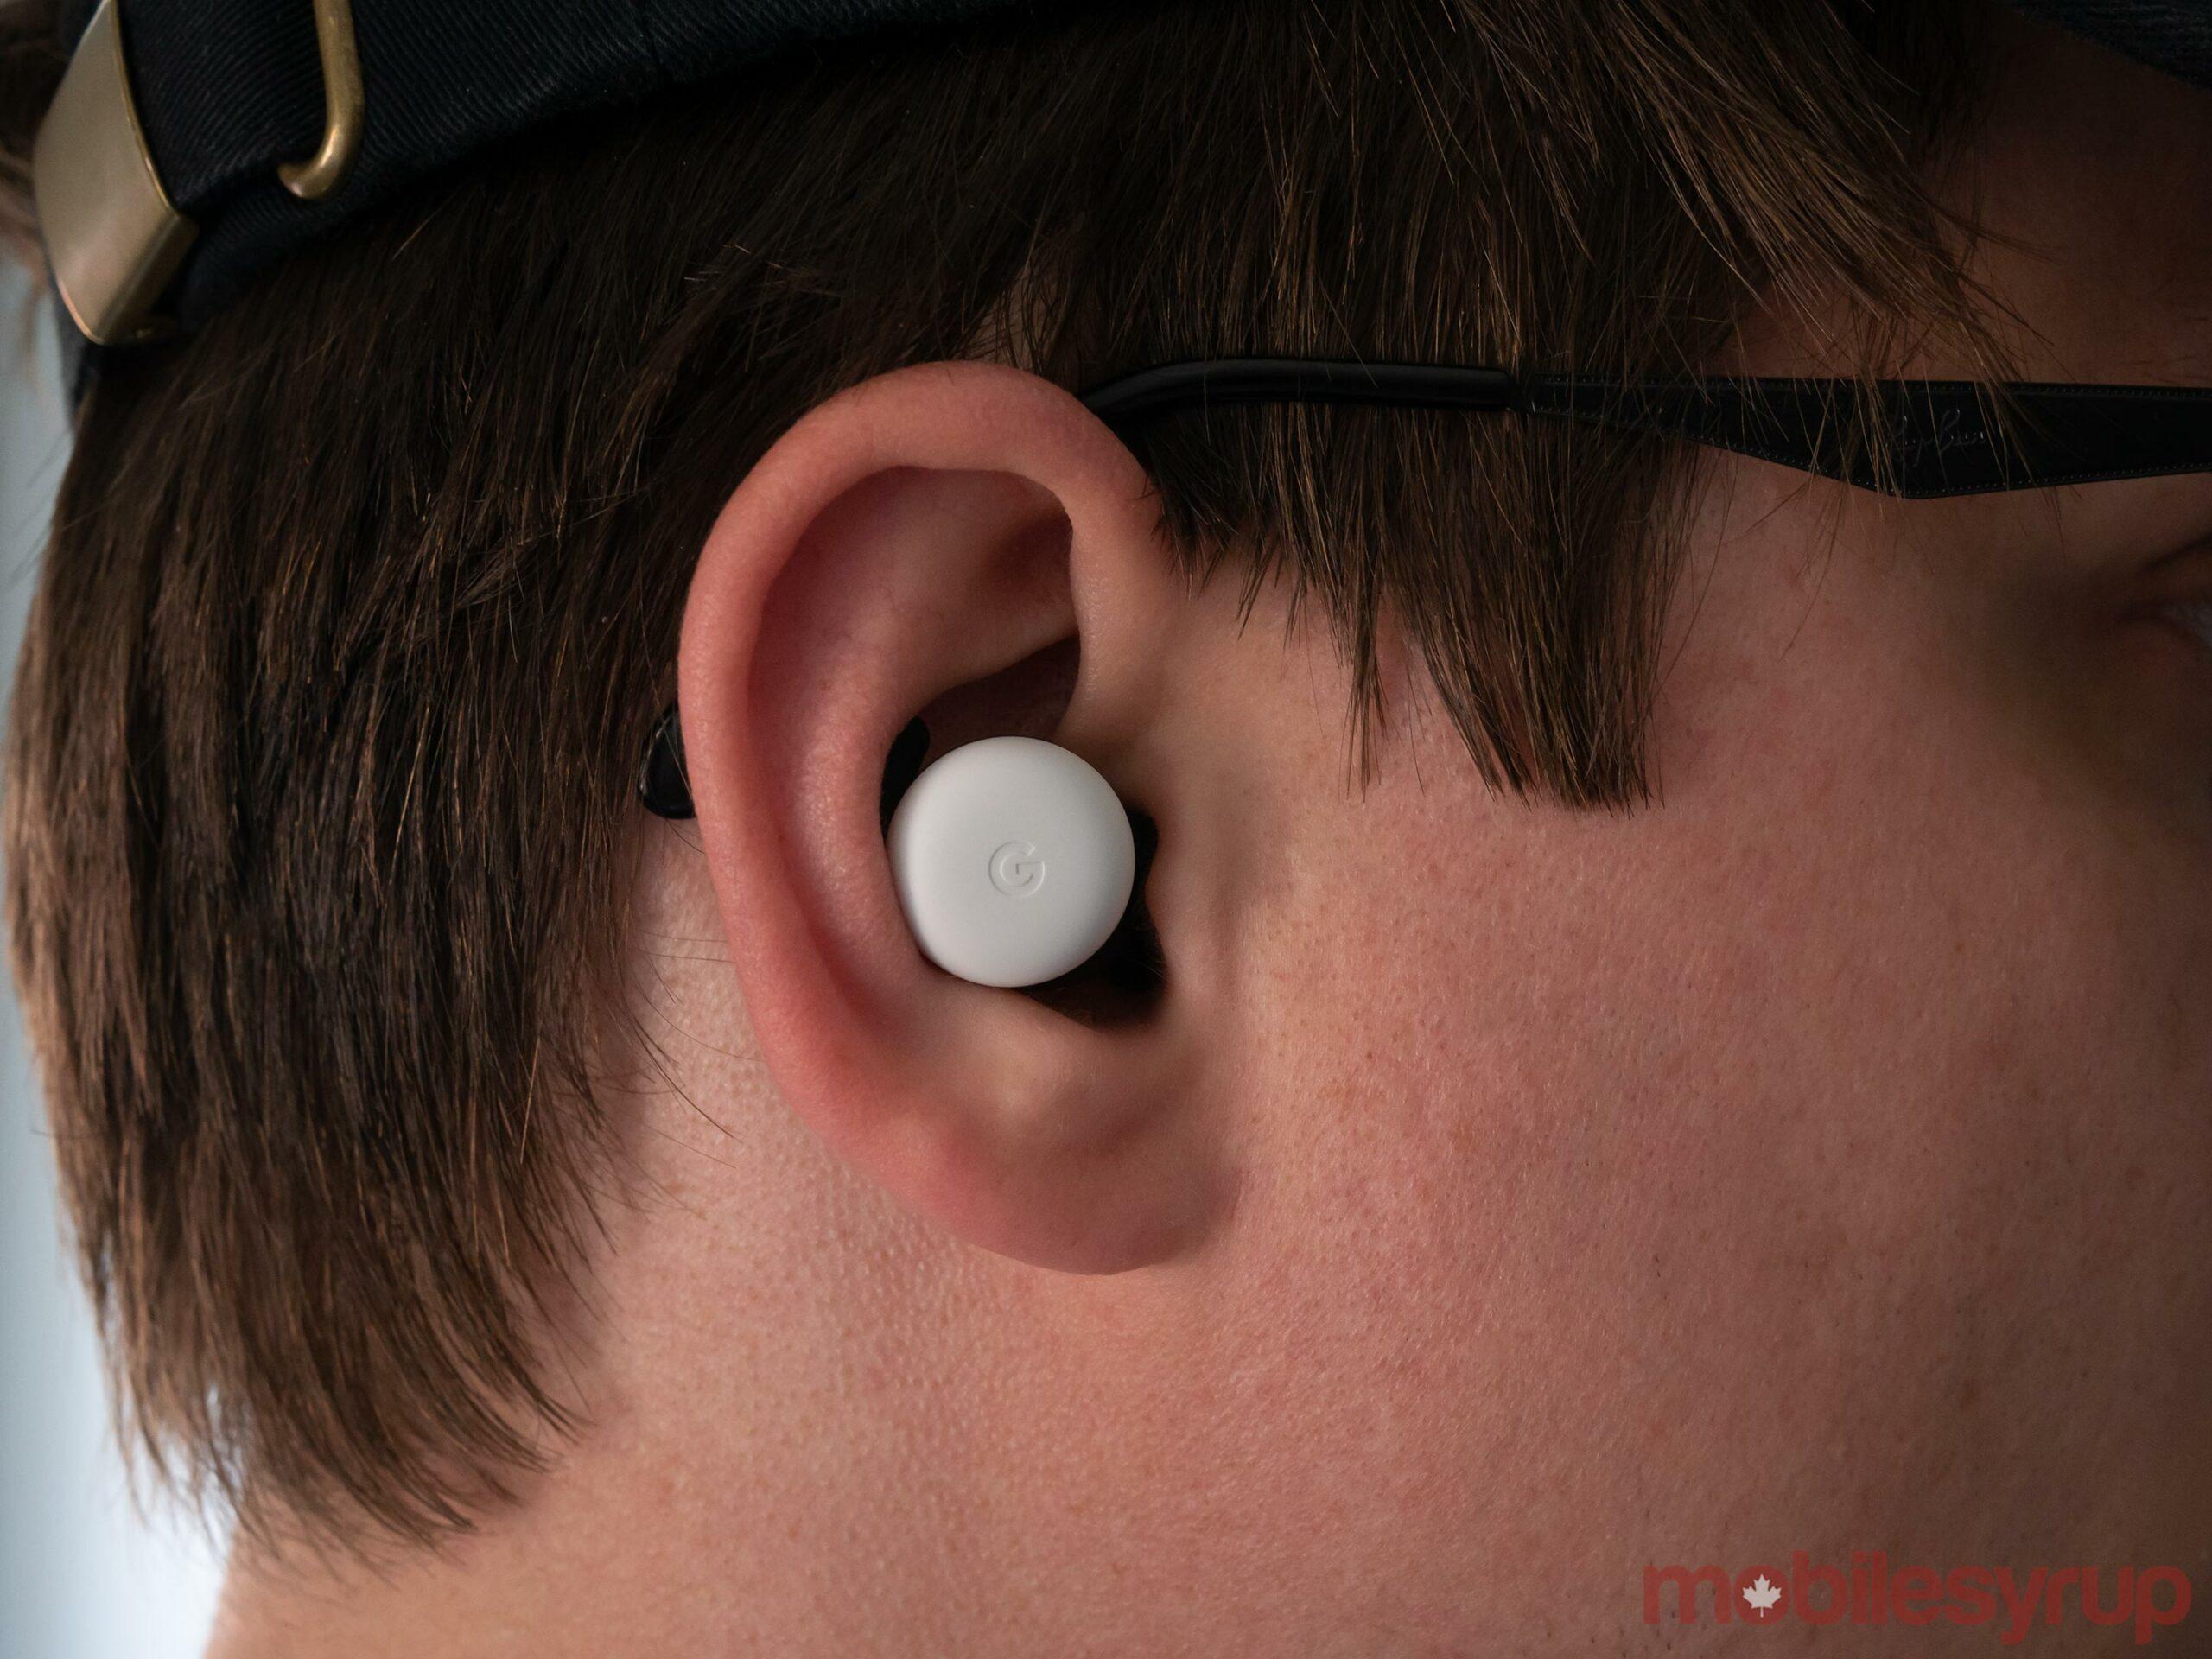 Pixel Buds in ear